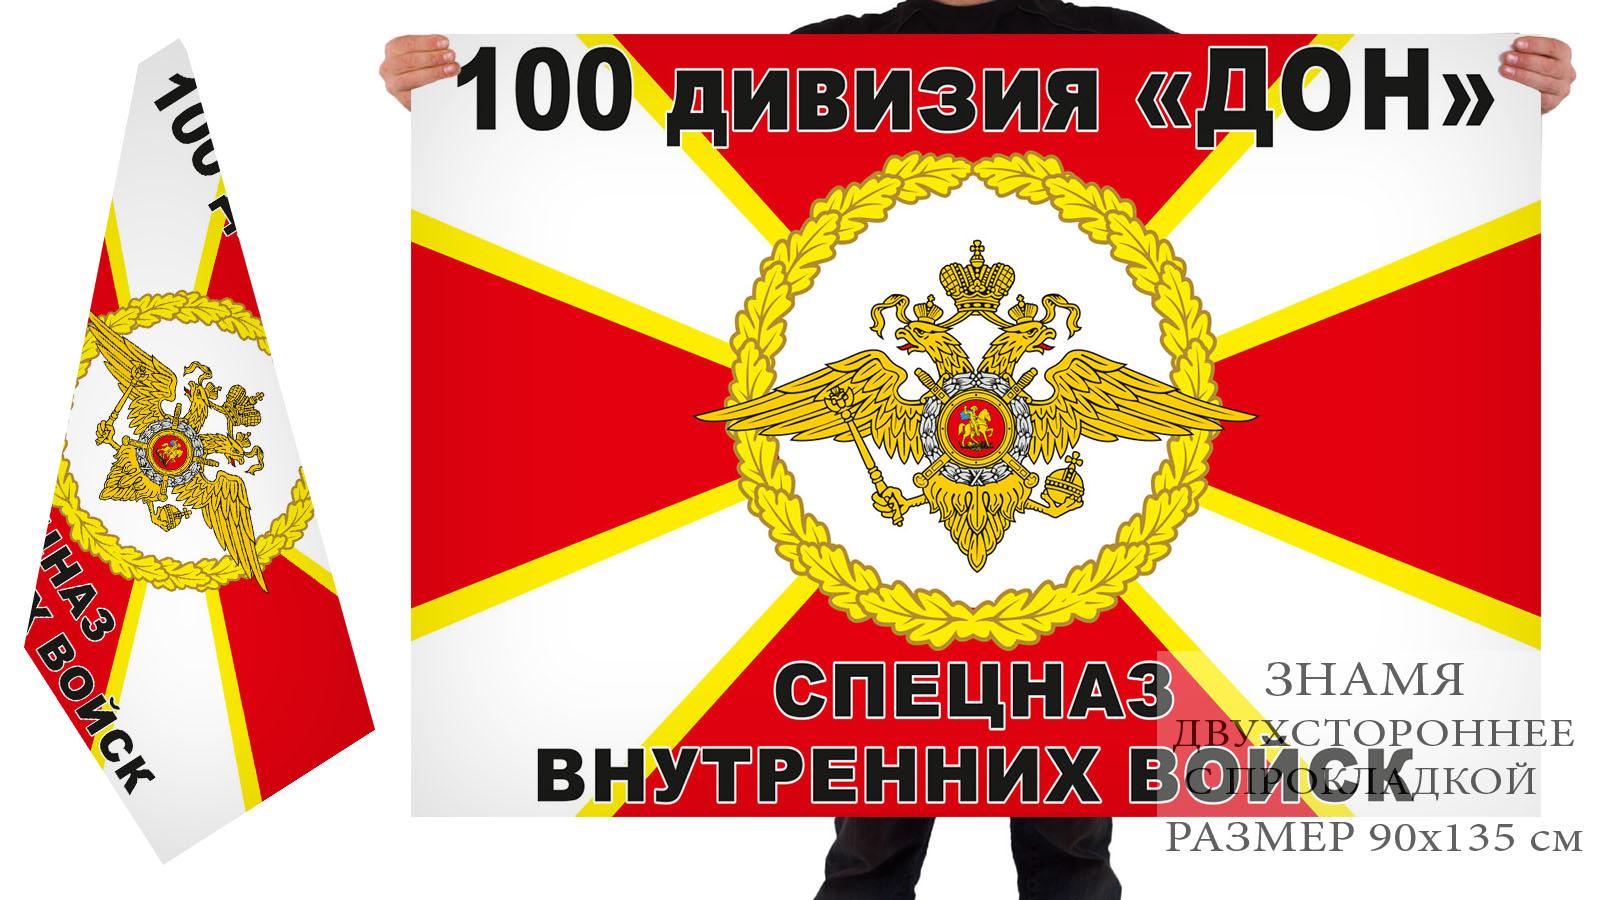 Двухсторонний флаг 100 дивизия «ДОН» спецназа ВВ МВД